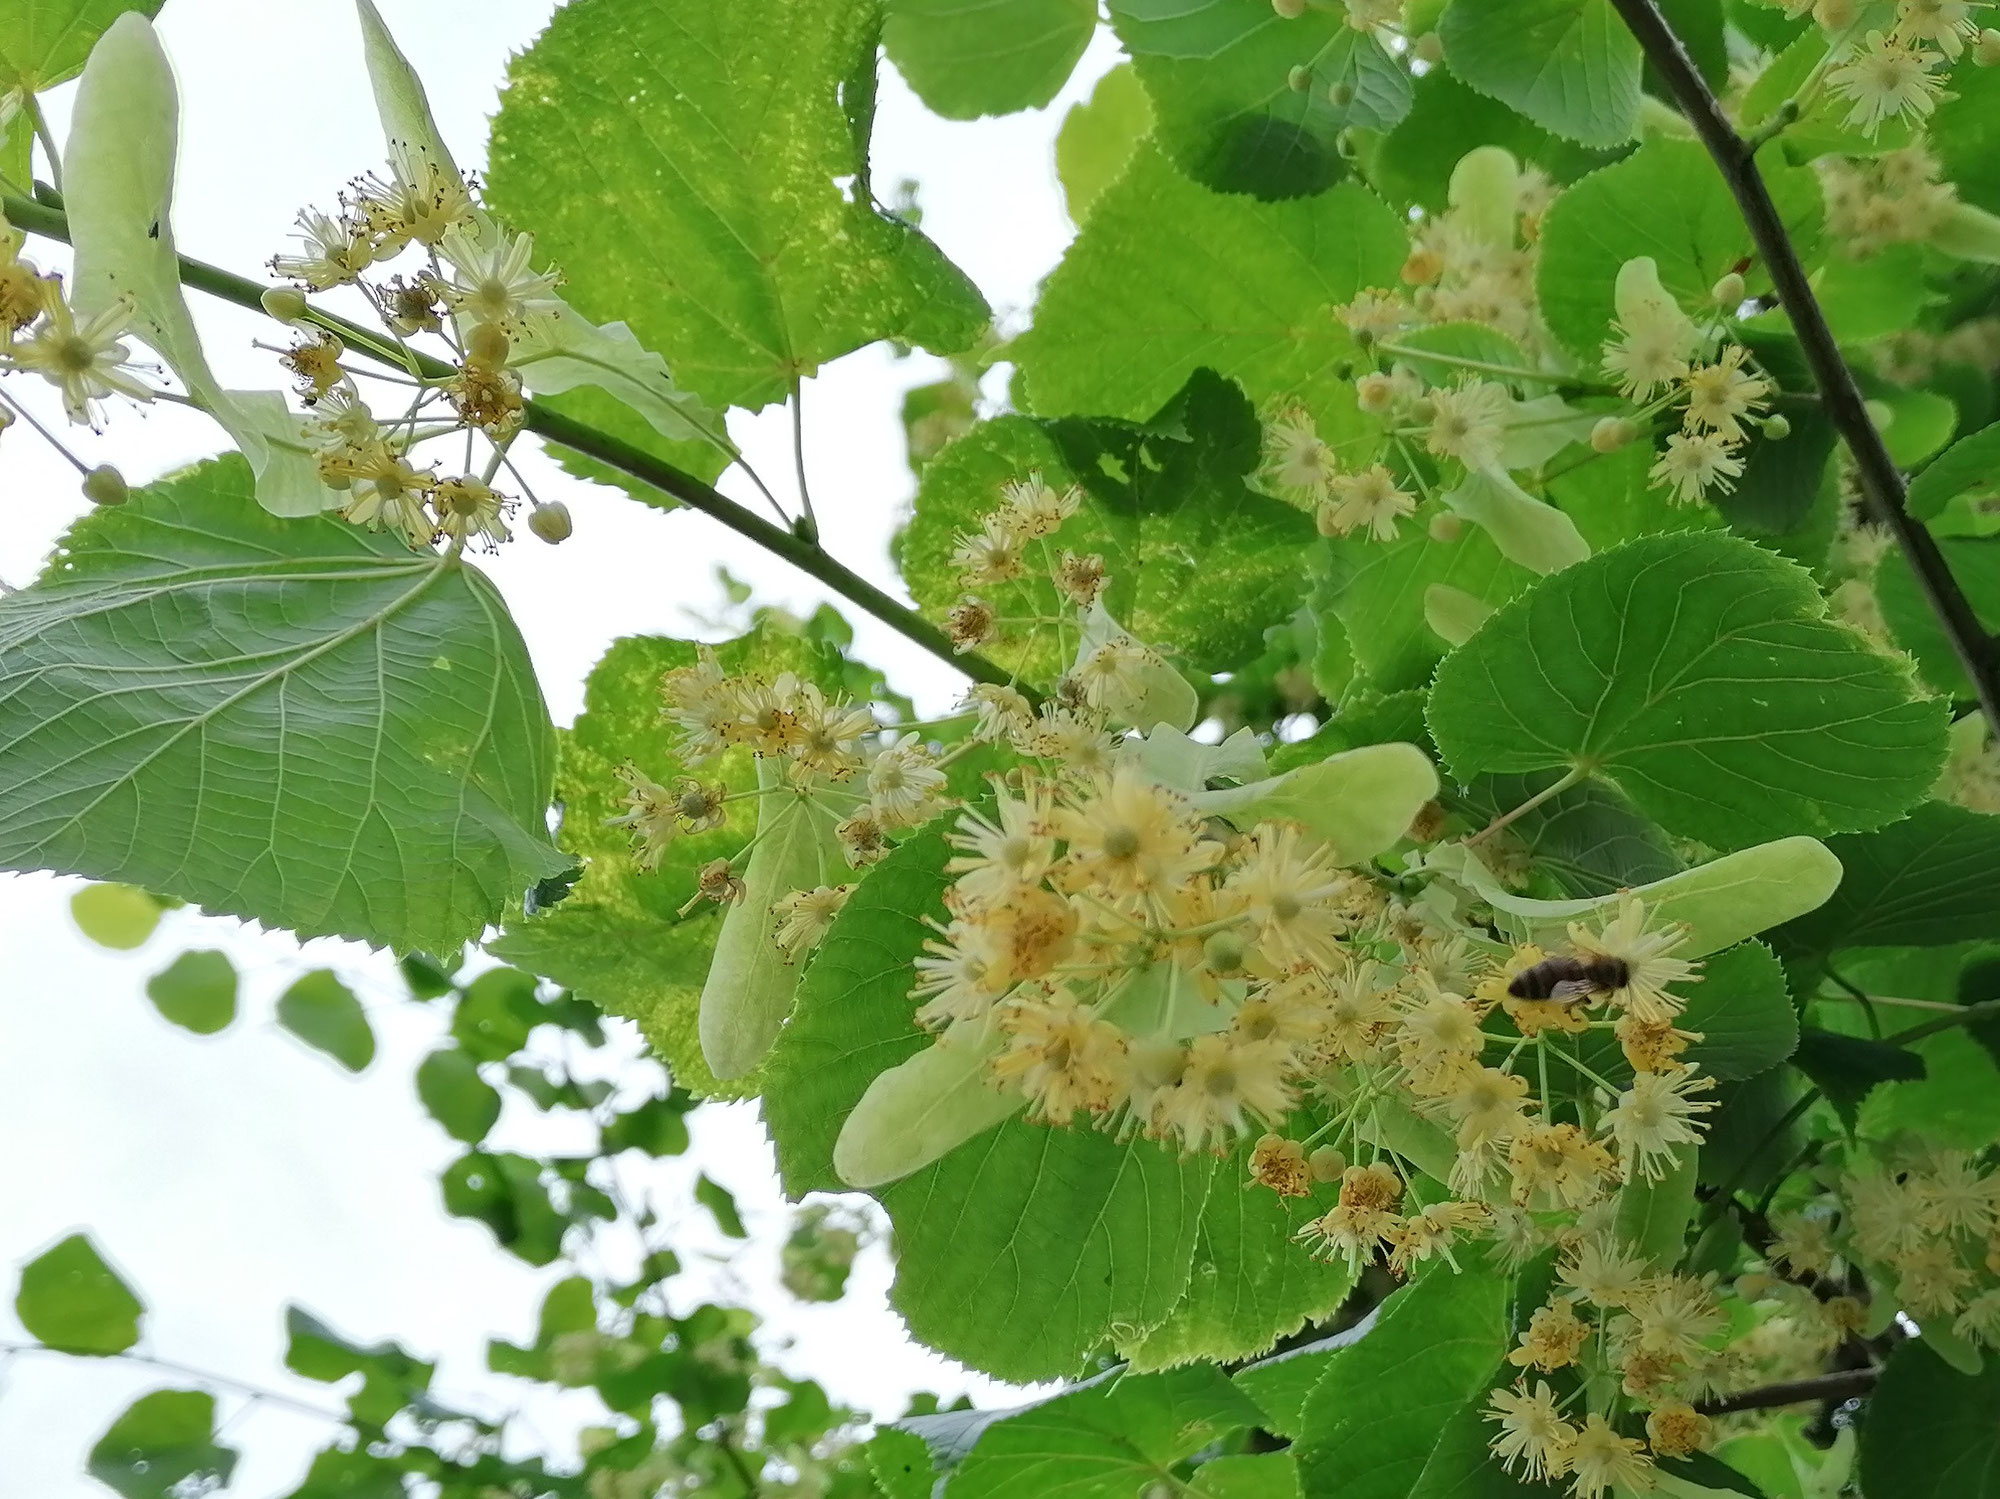 Les tilleuls en fleurs; L'Abeille Noire